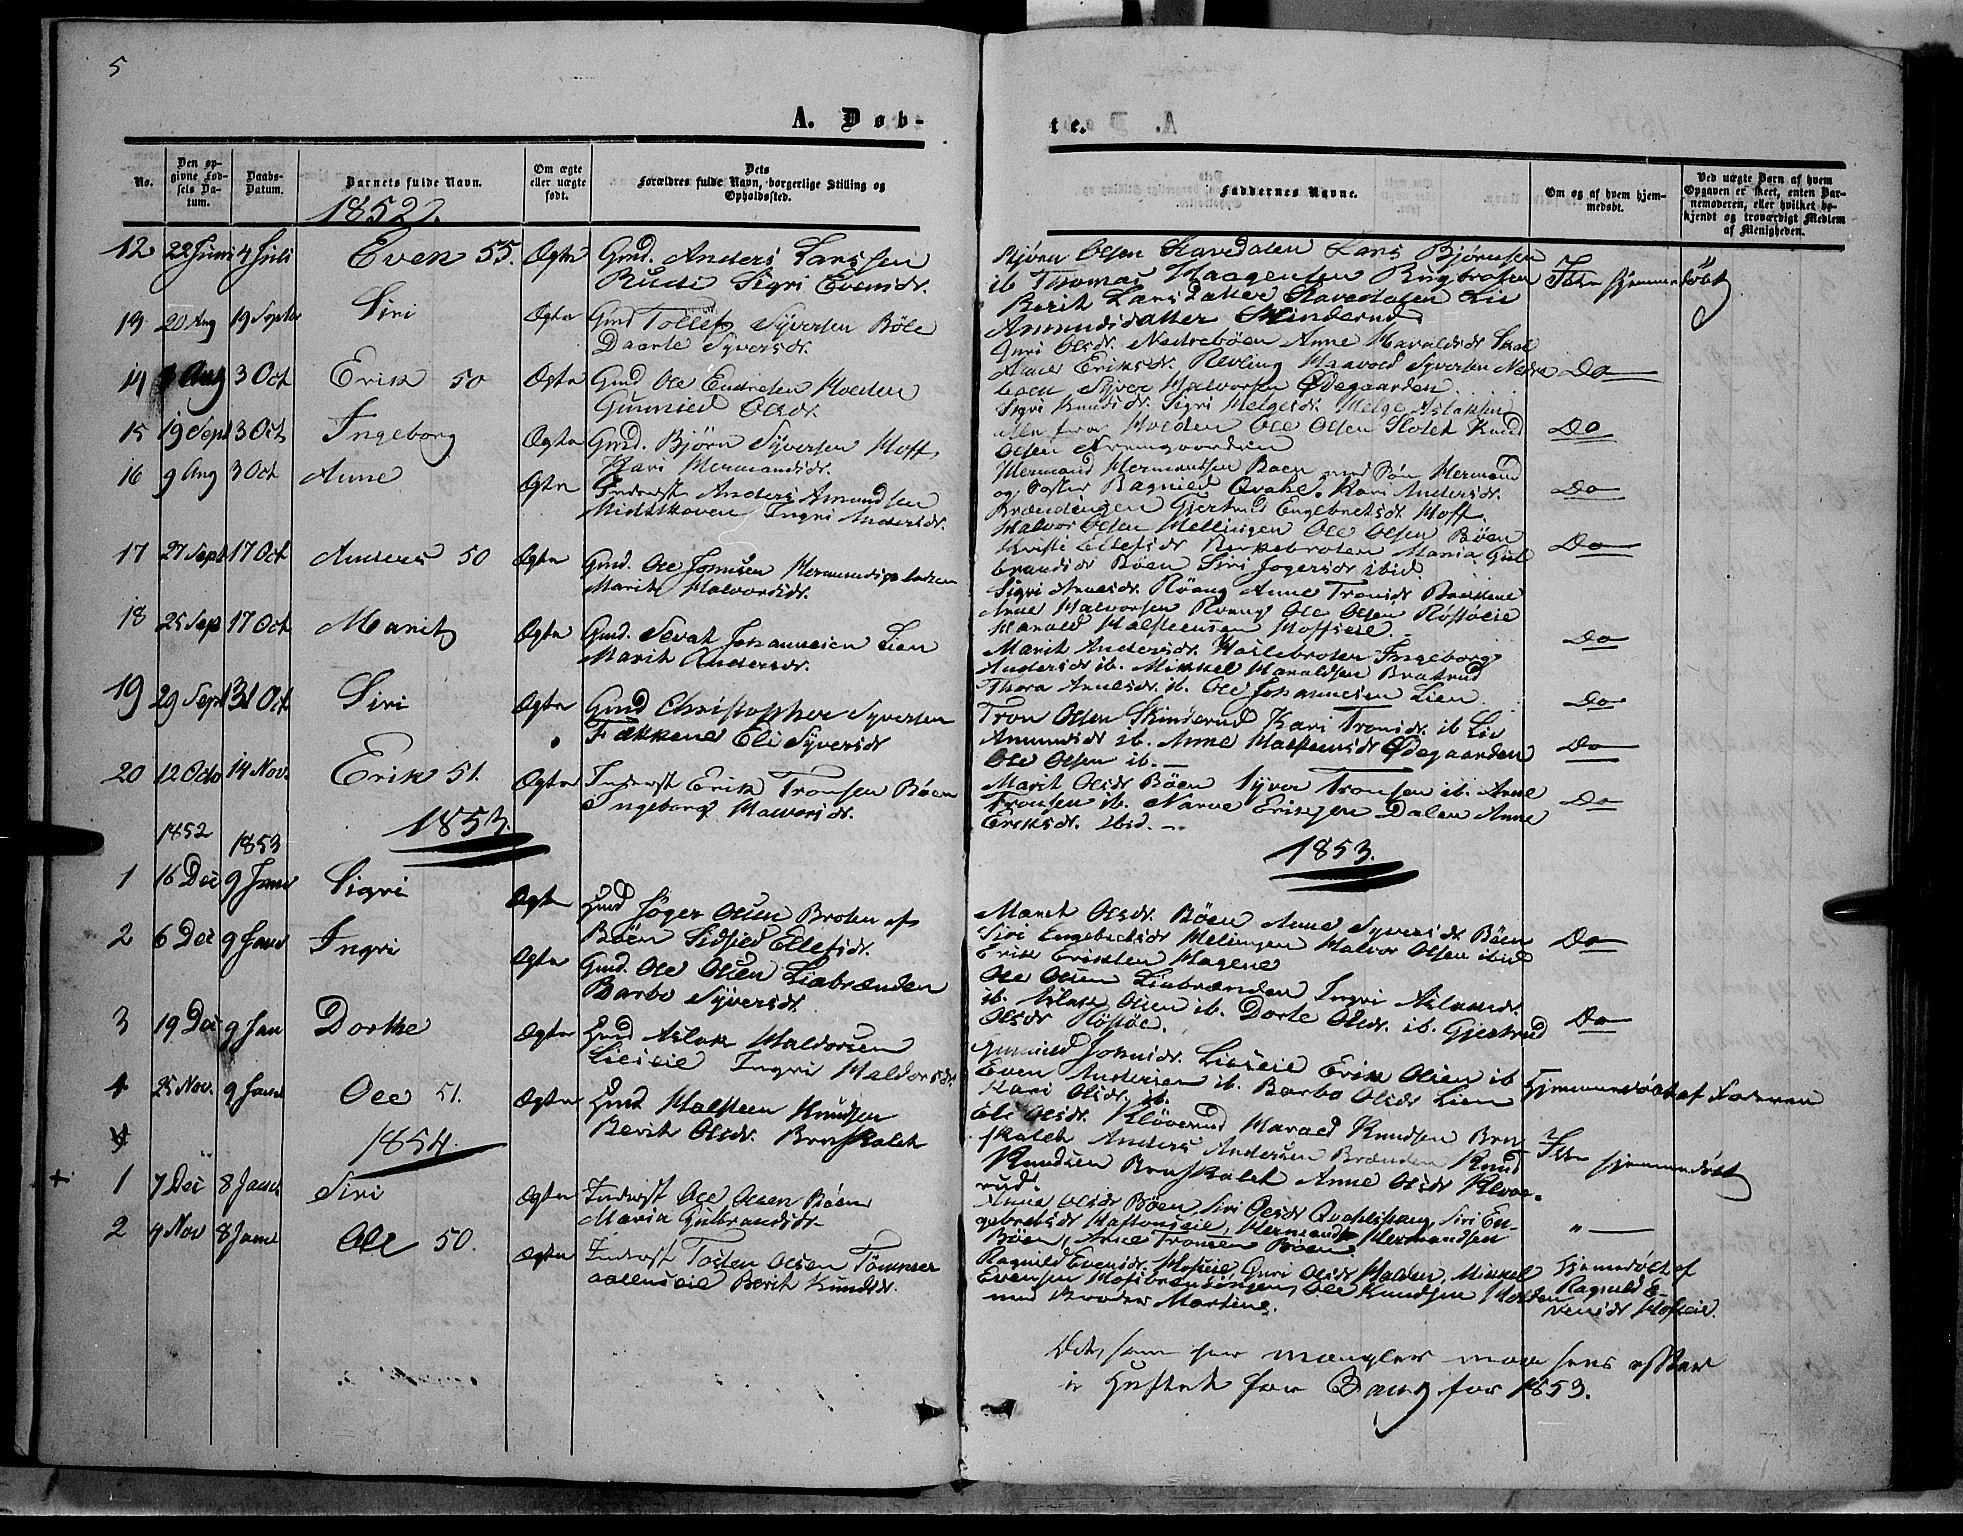 SAH, Sør-Aurdal prestekontor, Ministerialbok nr. 6, 1849-1876, s. 5